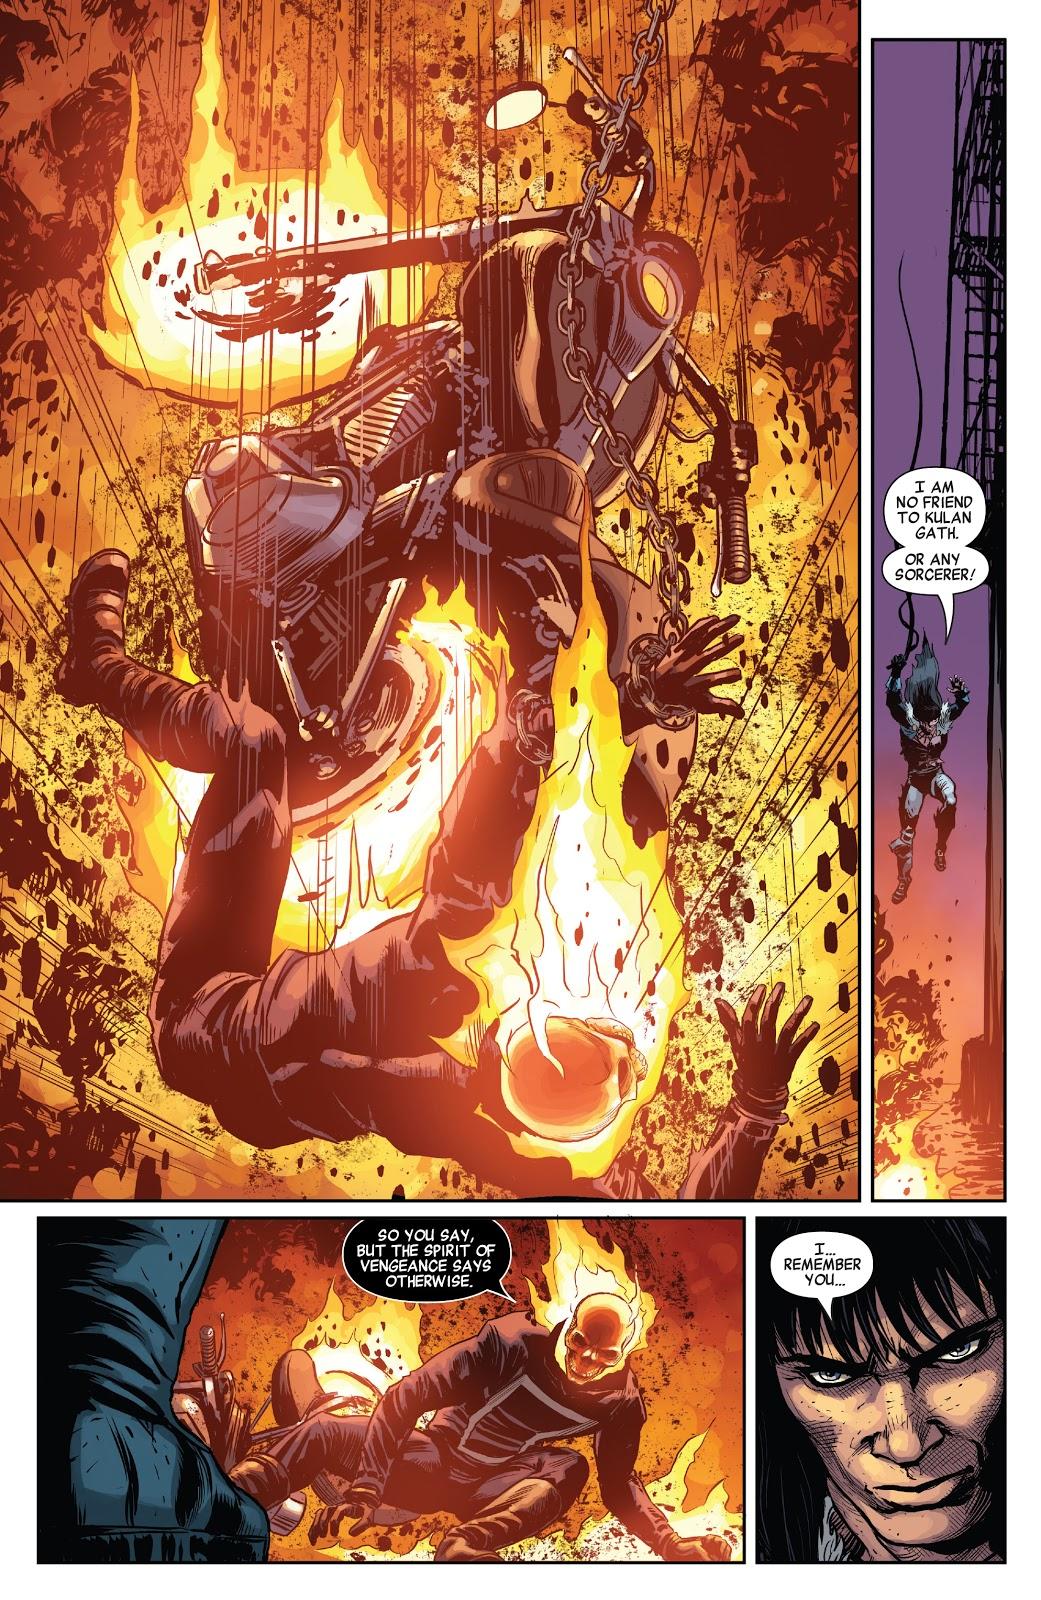 Conan The Barbarian VS Ghost Rider